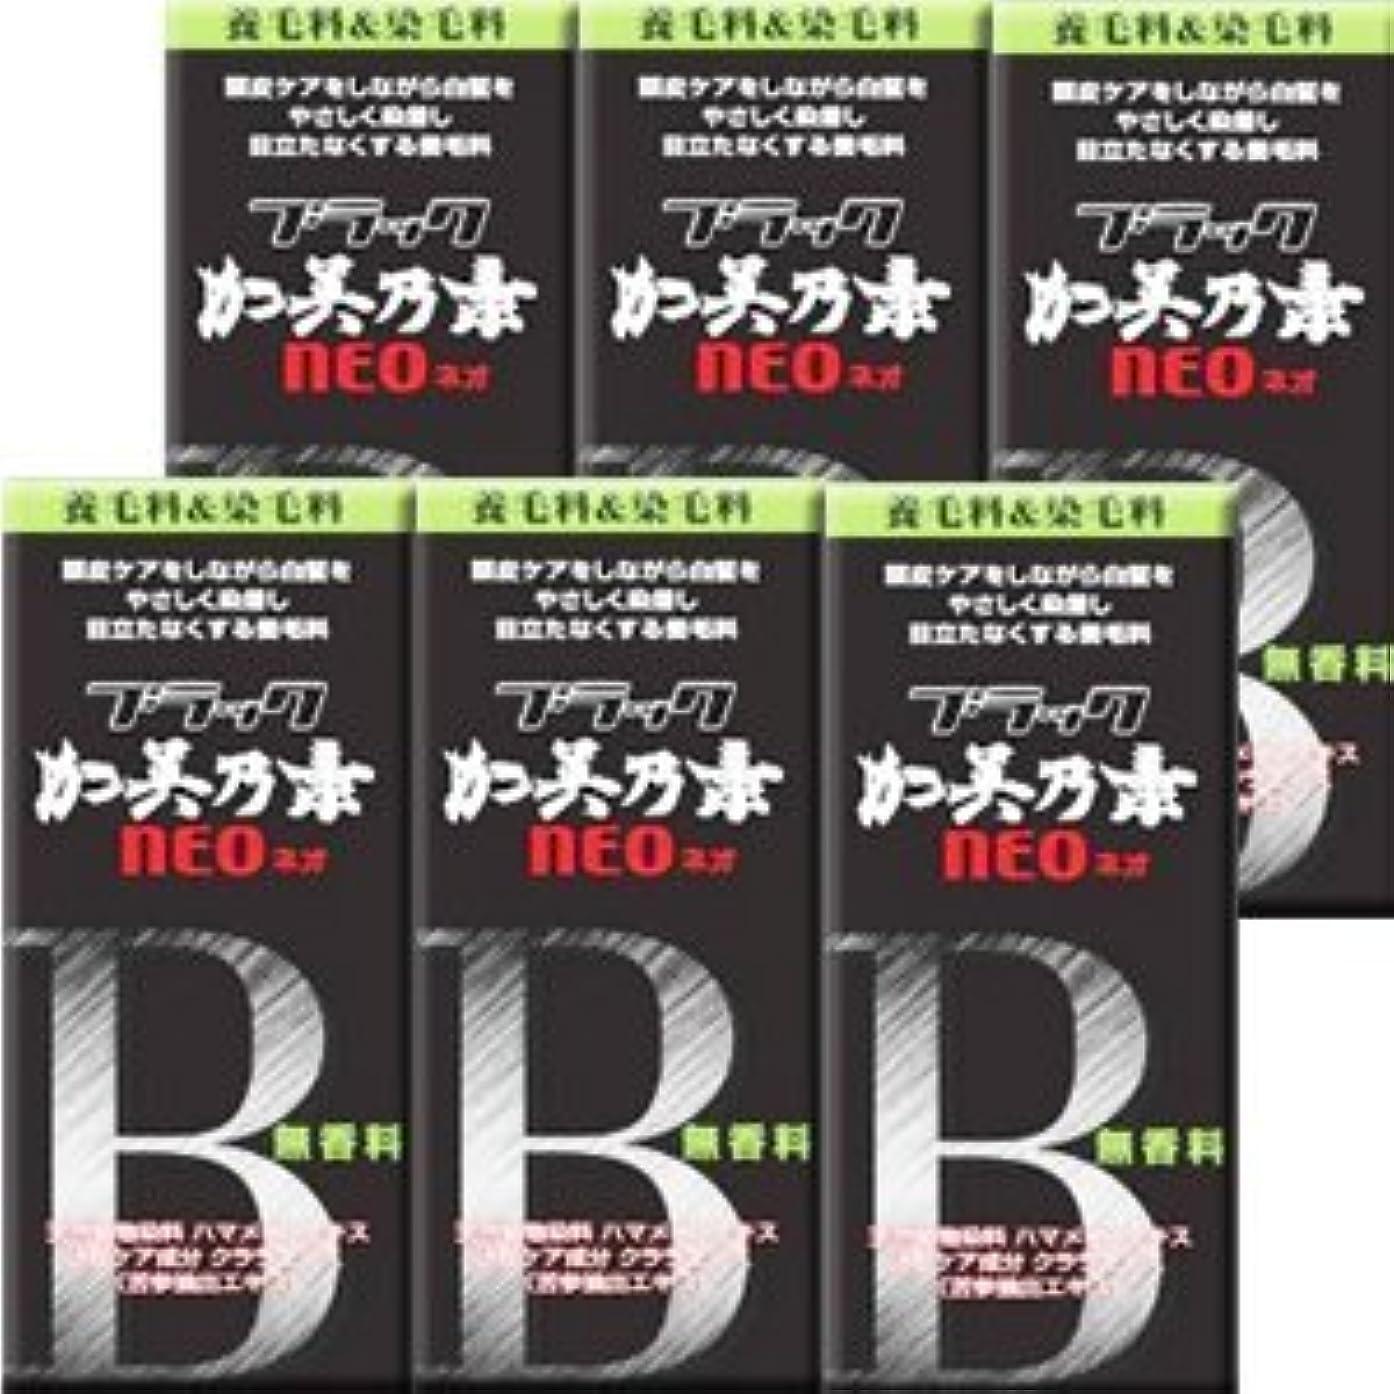 ダーツネクタイ差別する【6個】 ブラック加美乃素NEO 無香料 150mlx6個 (4987046370105)